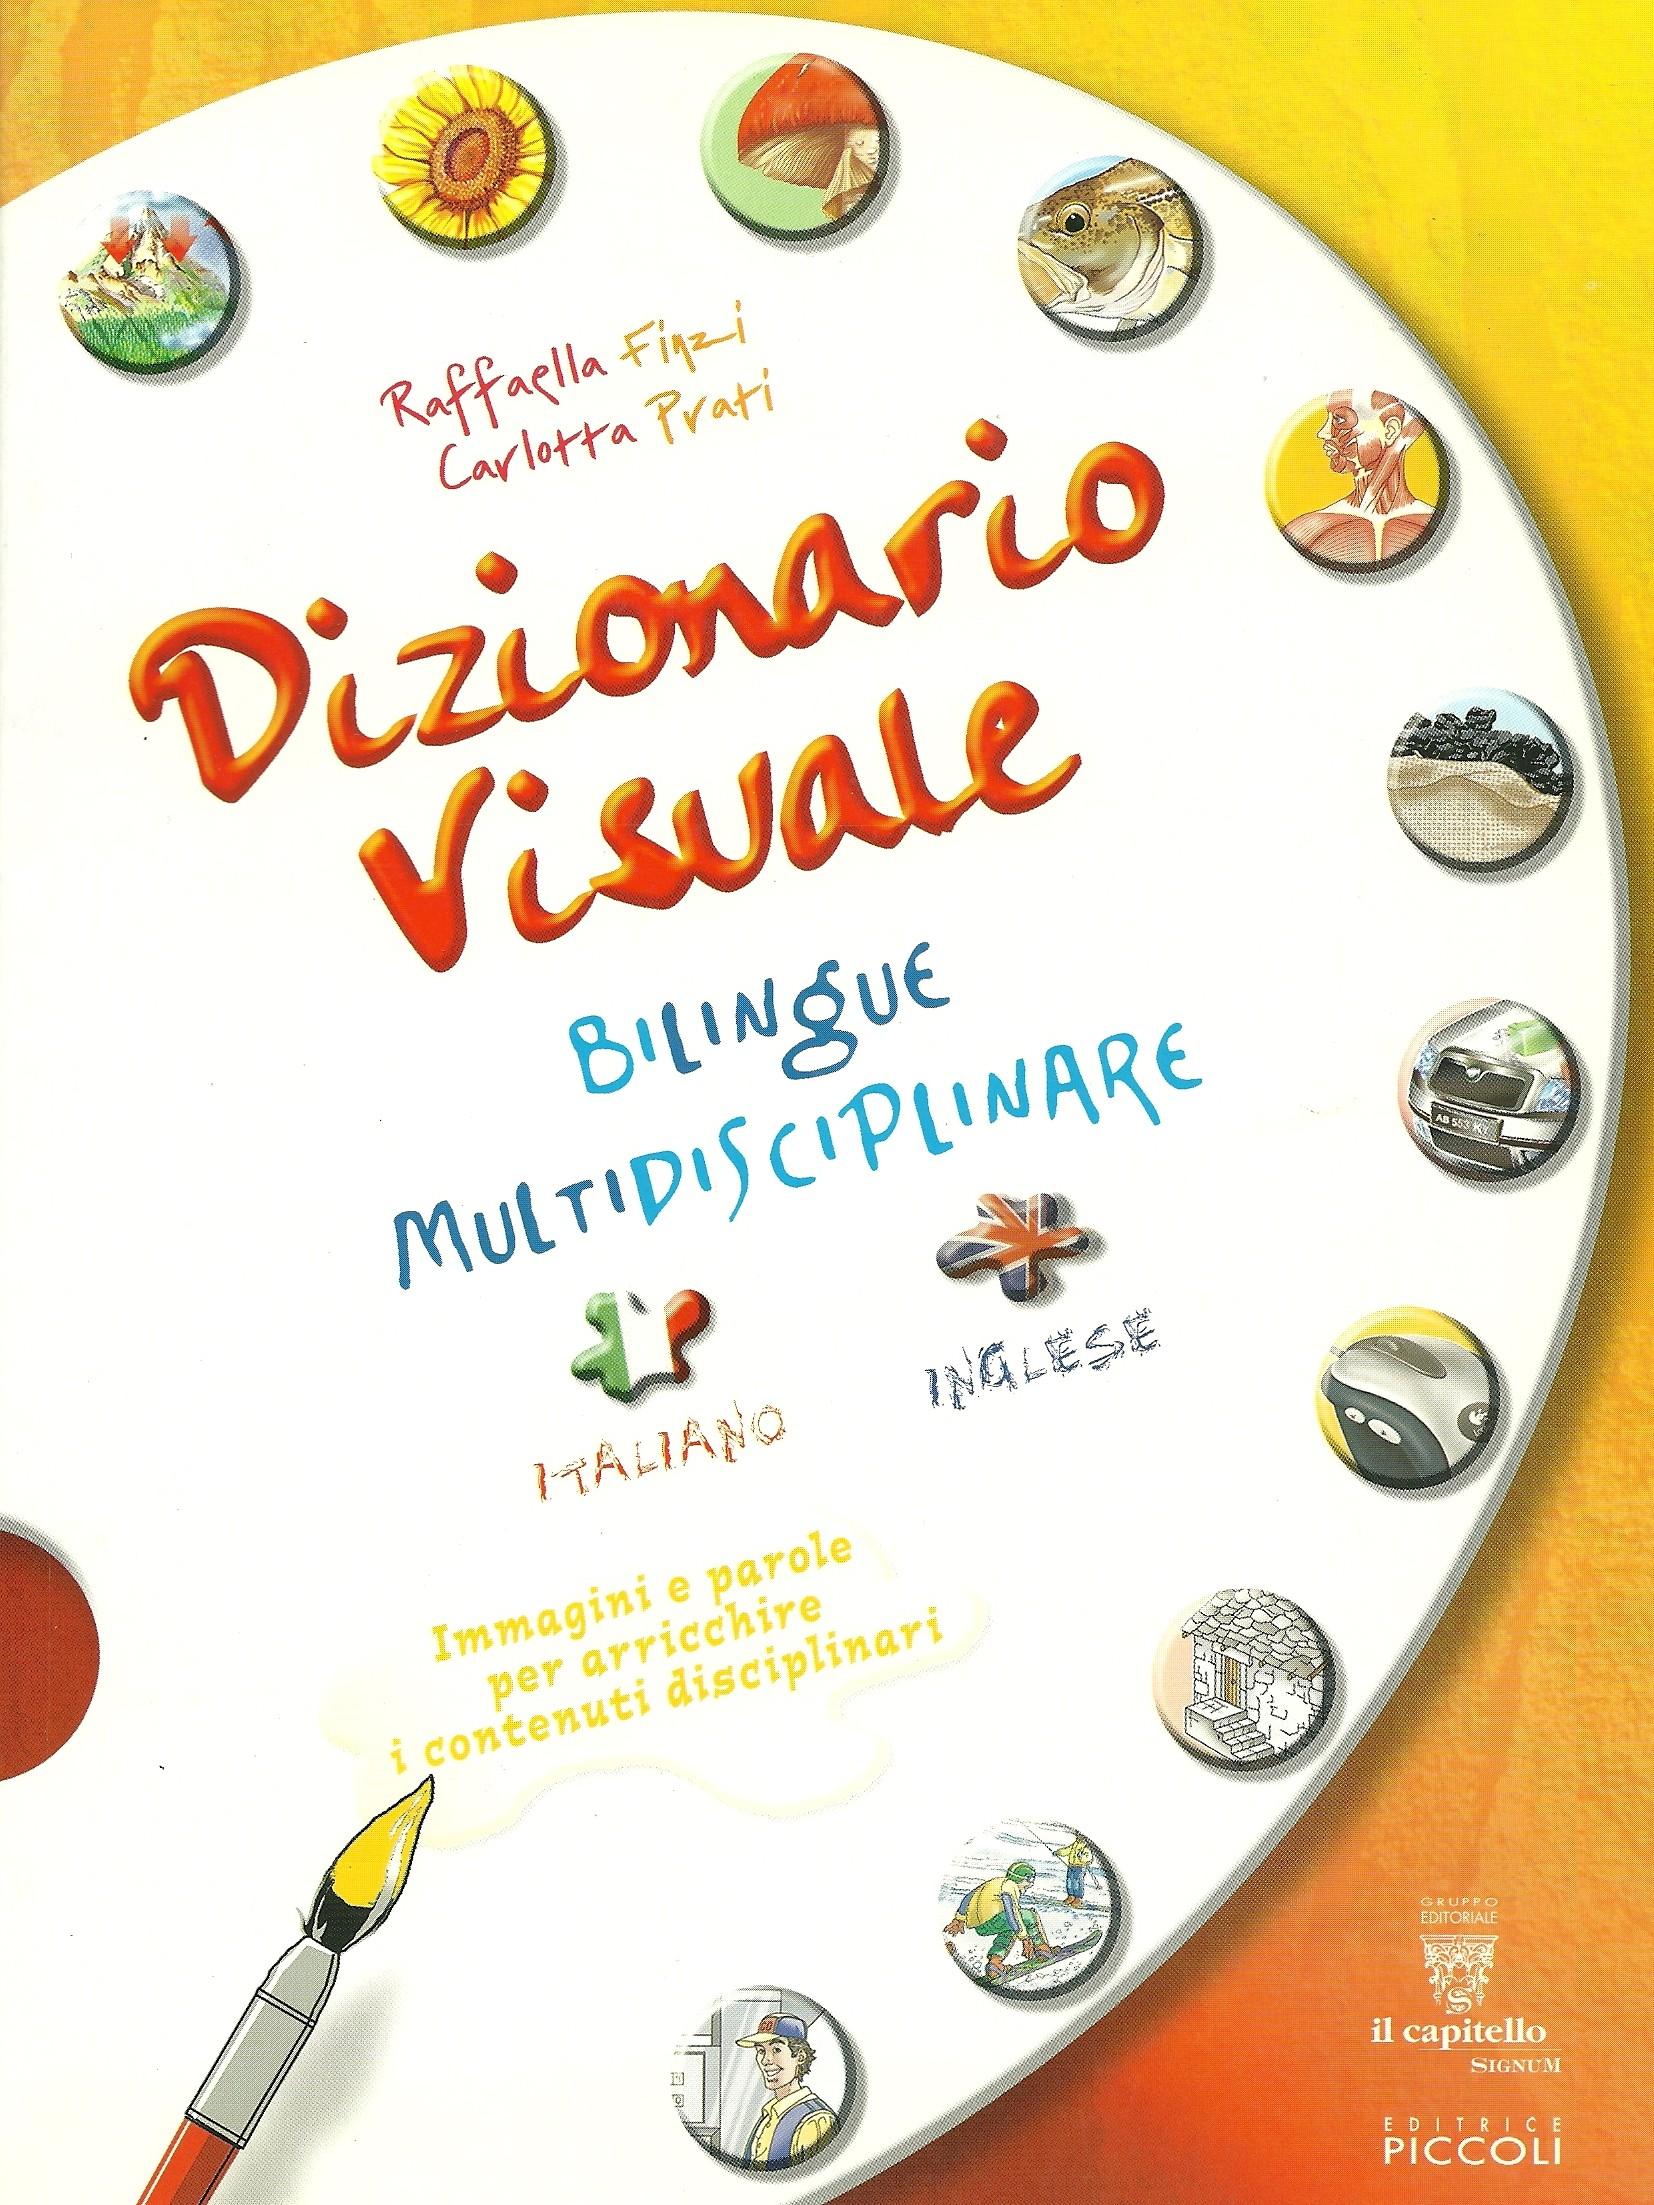 Dizionario visuale - Raffaella Finzi - 0 recensioni - Il